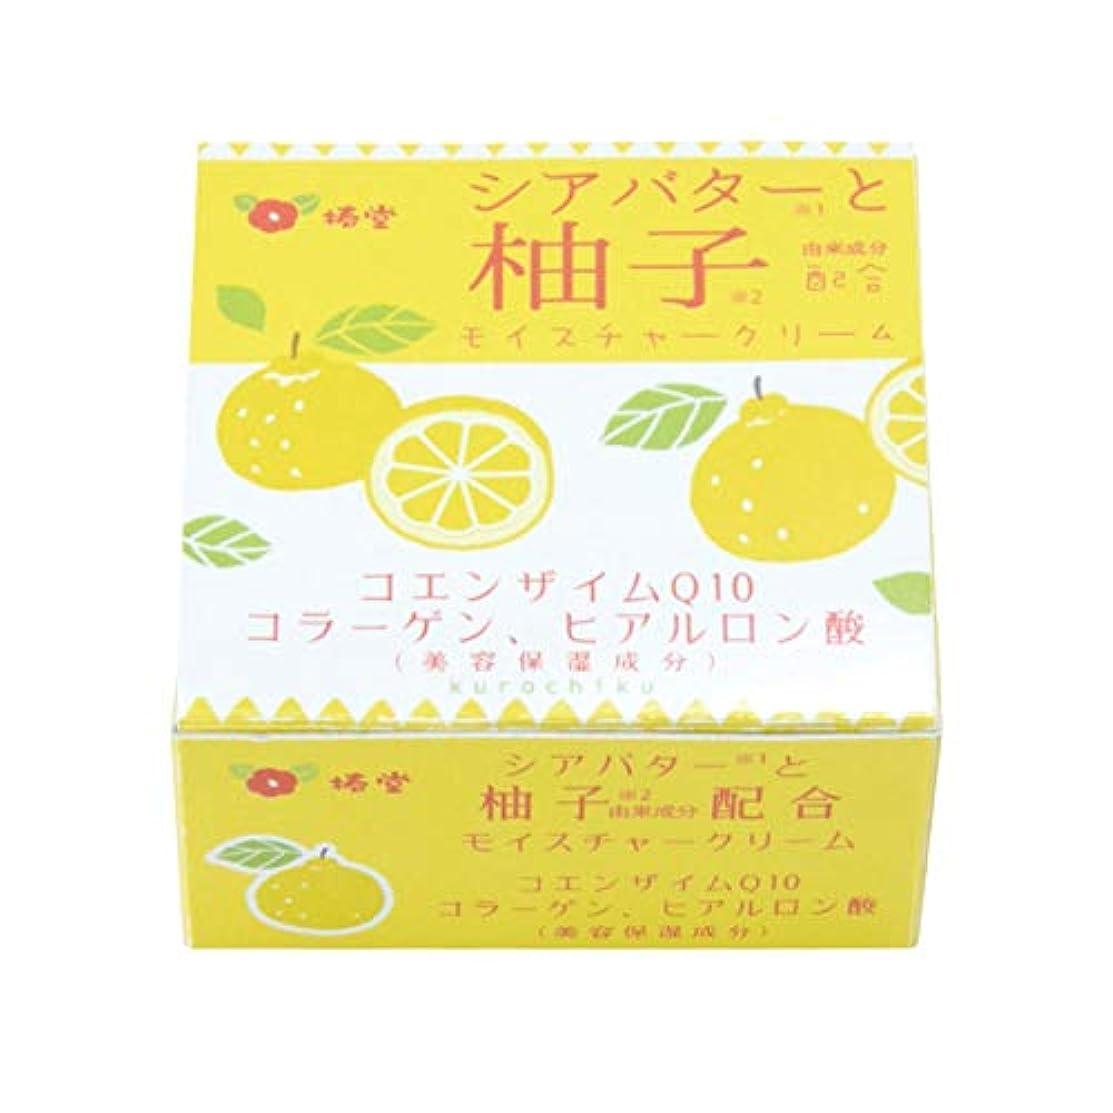 ベアリングサークル極貧噴水椿堂 柚子モイスチャークリーム (シアバターと柚子) 京都くろちく